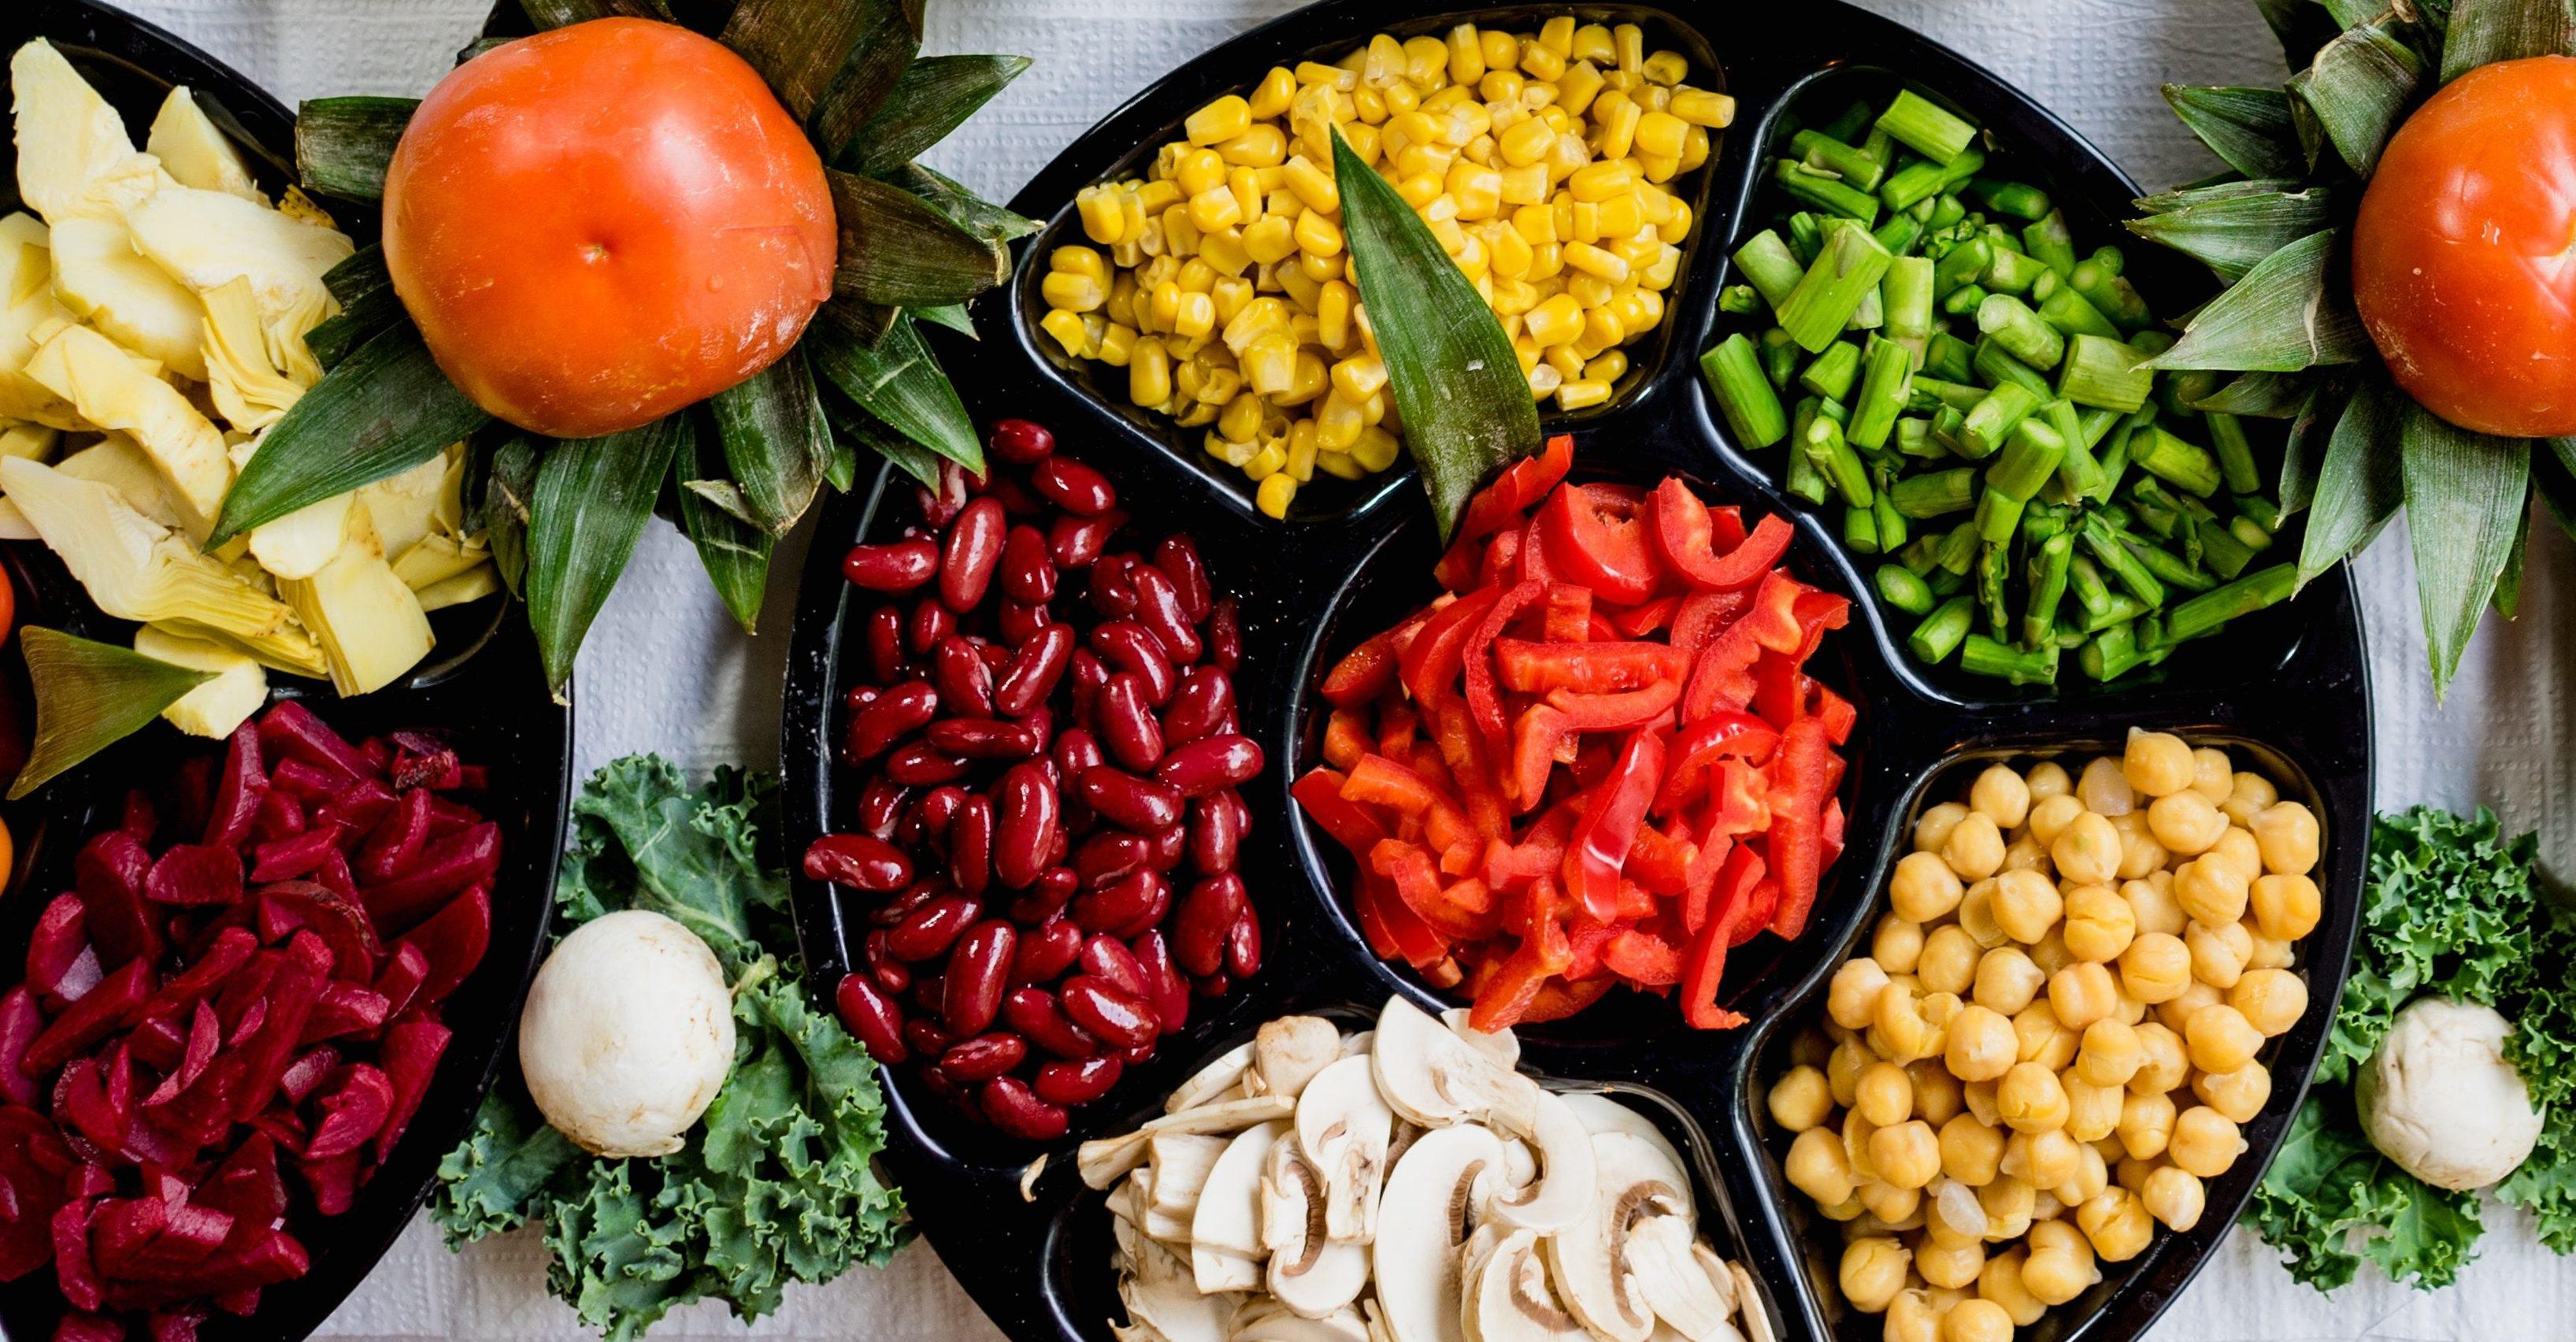 Frisches Gemüse gehört zu einer gesunden Ernährung